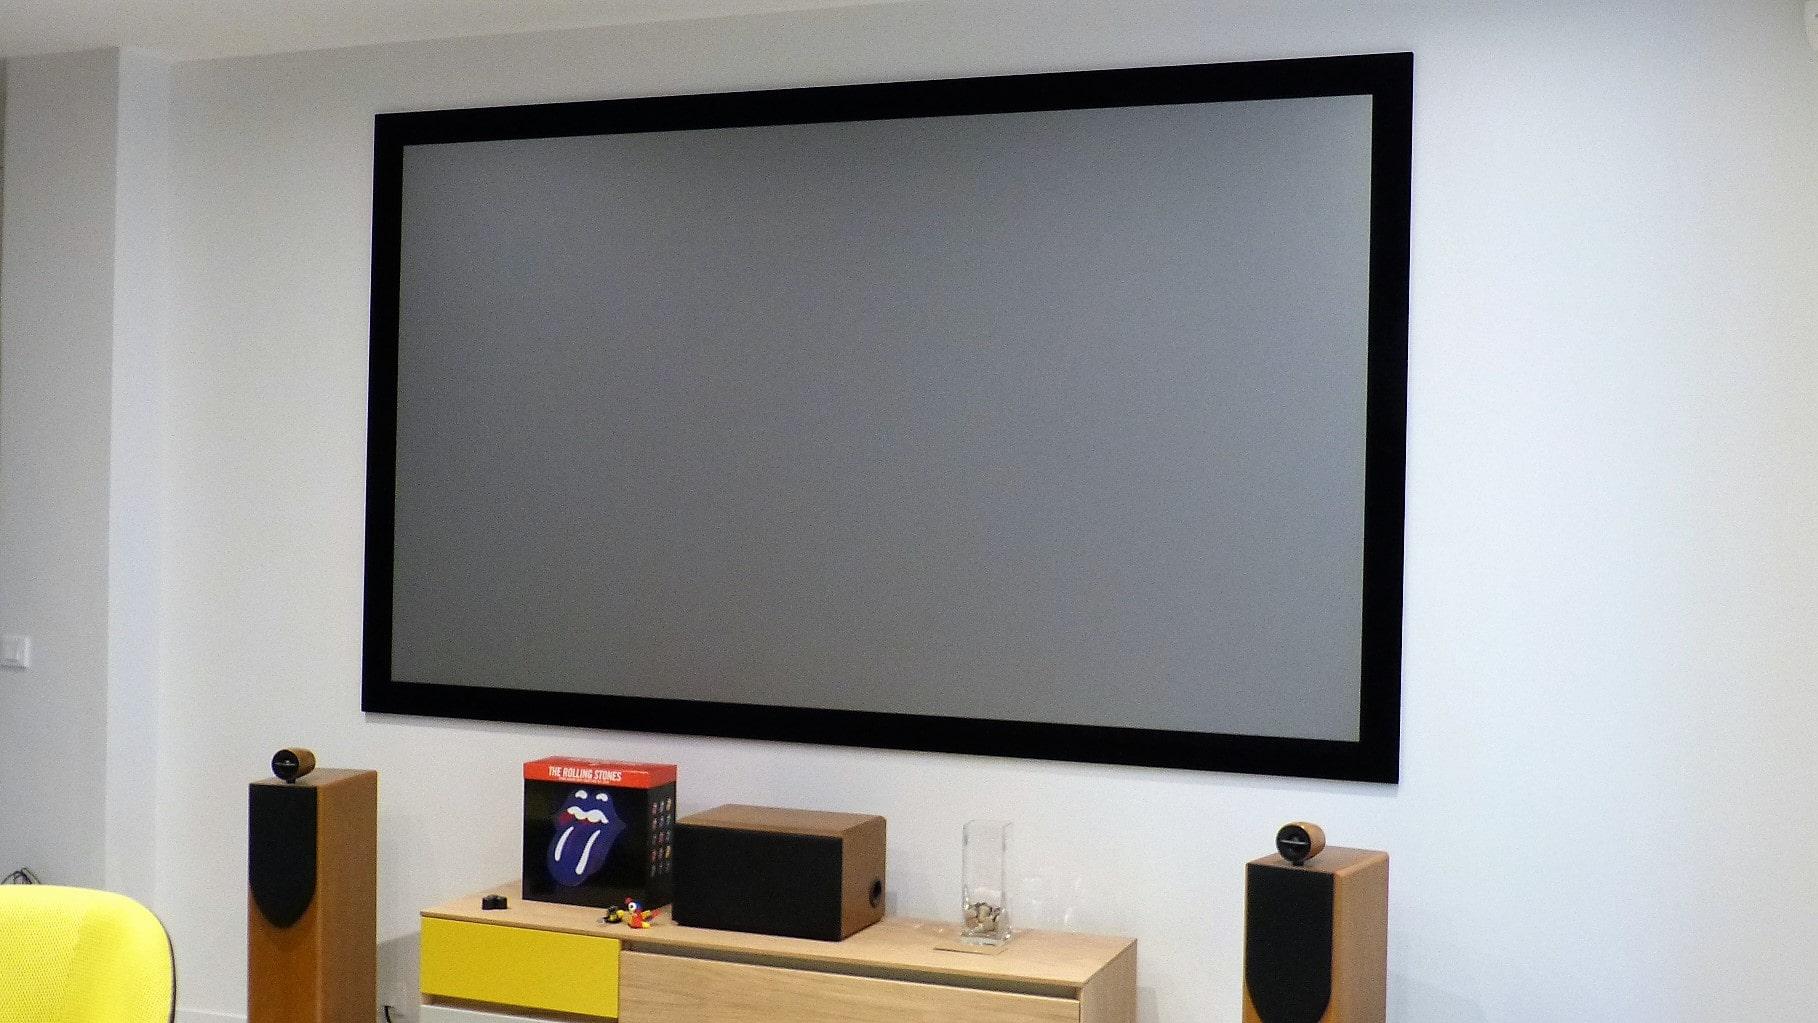 Calibration d'un vidéoprojecteur JVC DLA-X5900 à Paris